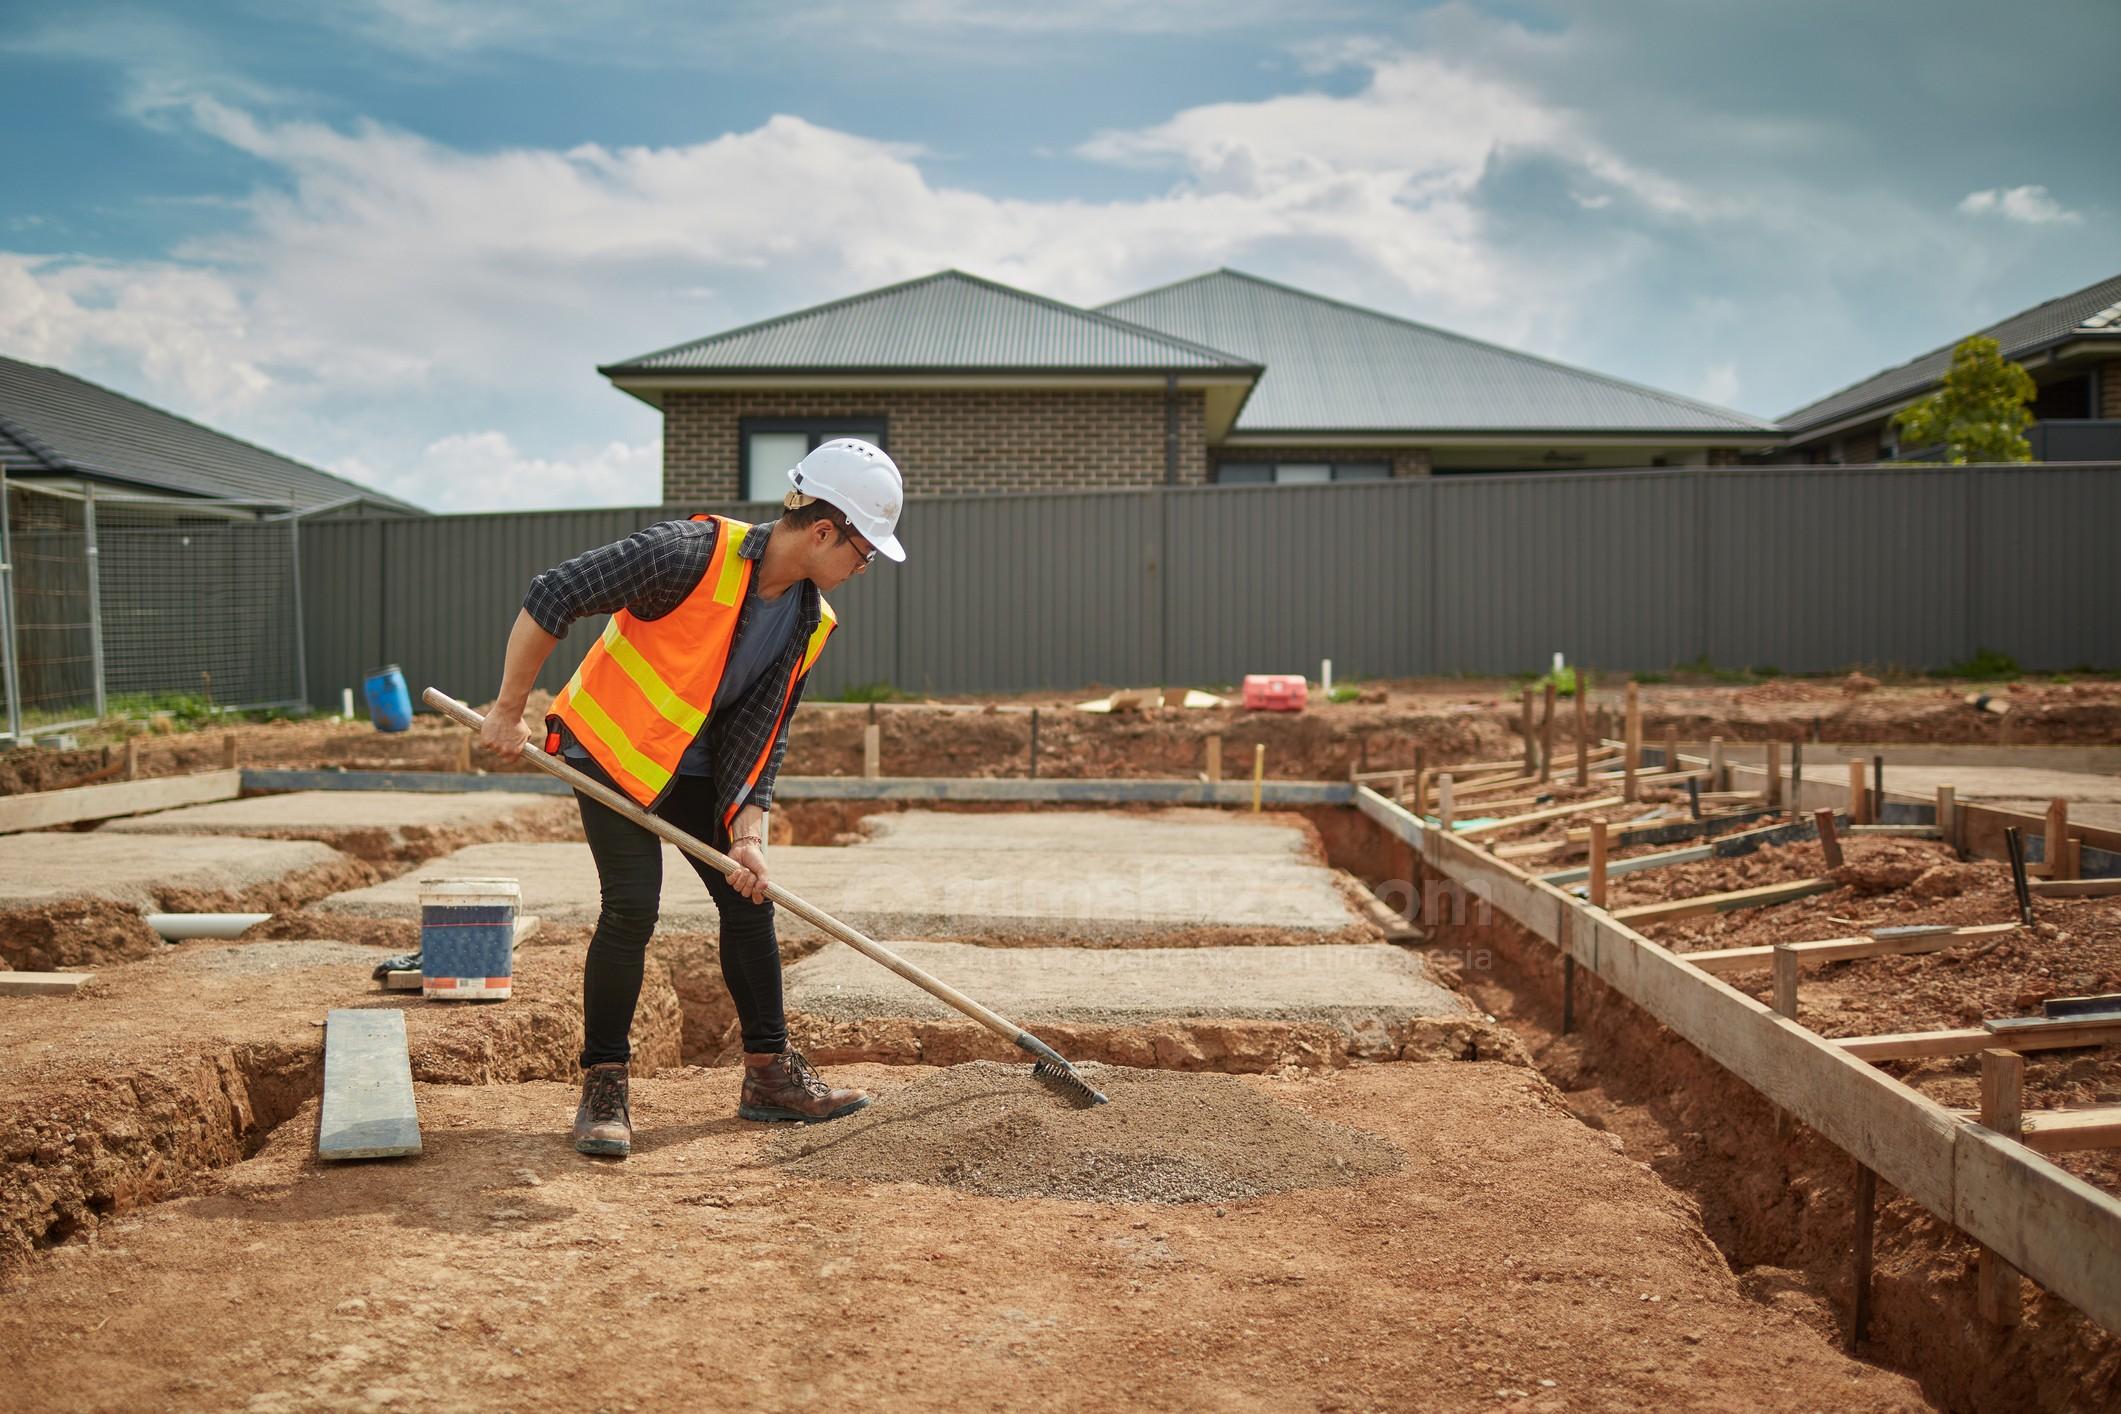 Daftar Harga Bahan Bangunan Terbaru 2019 Jangan Sampai